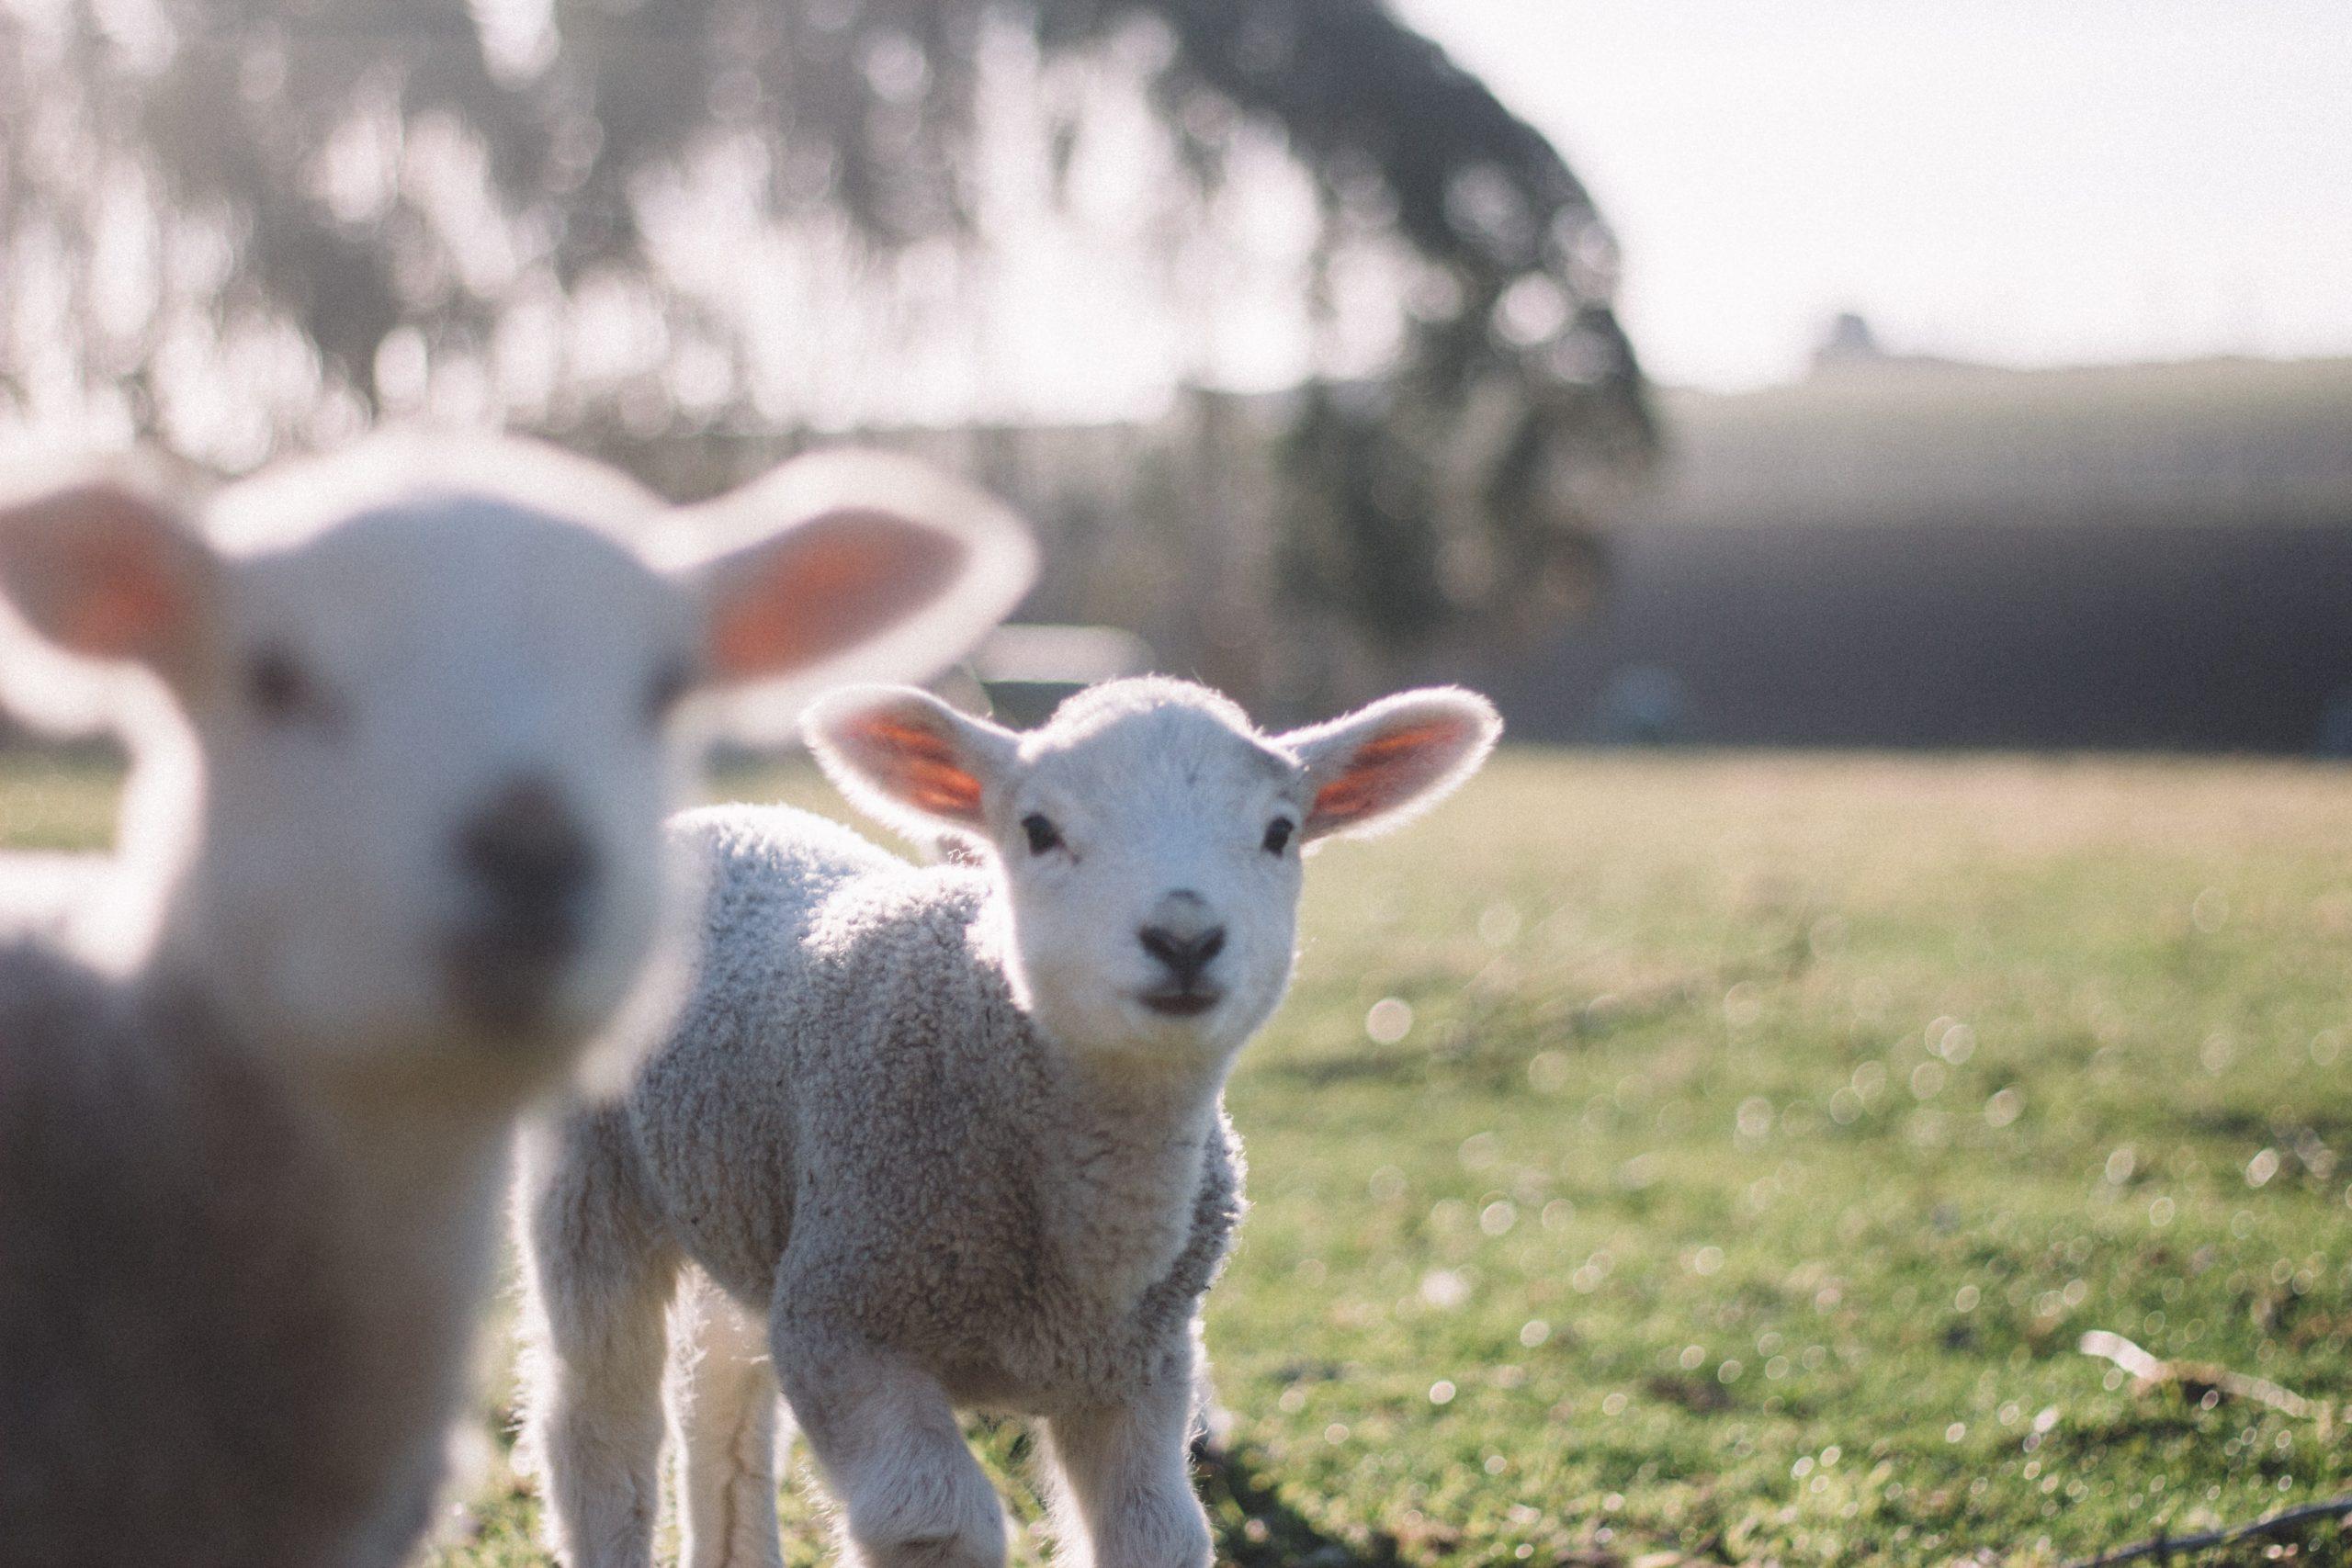 reasons to feel positive - lambing season